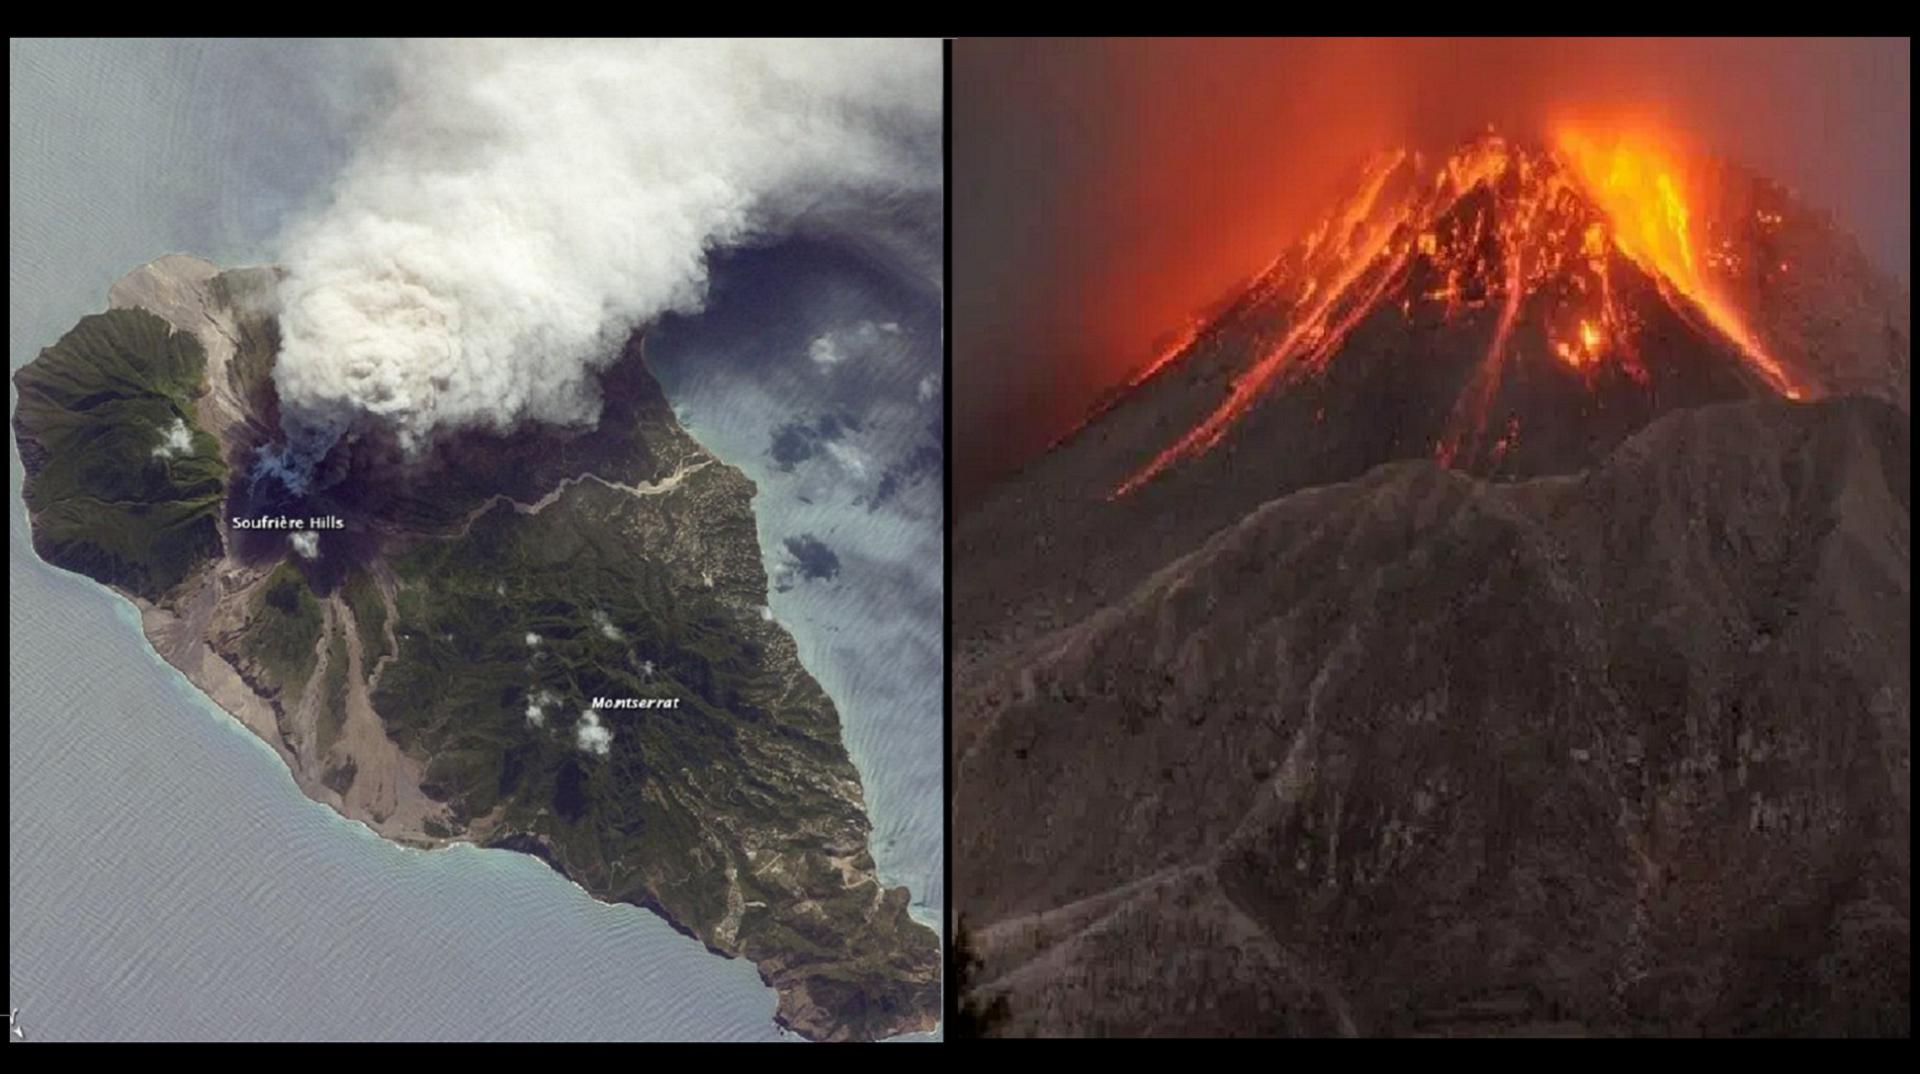 vulkan, karipsko ostrvo, Sveti Vincento- erupcija, evakuacija